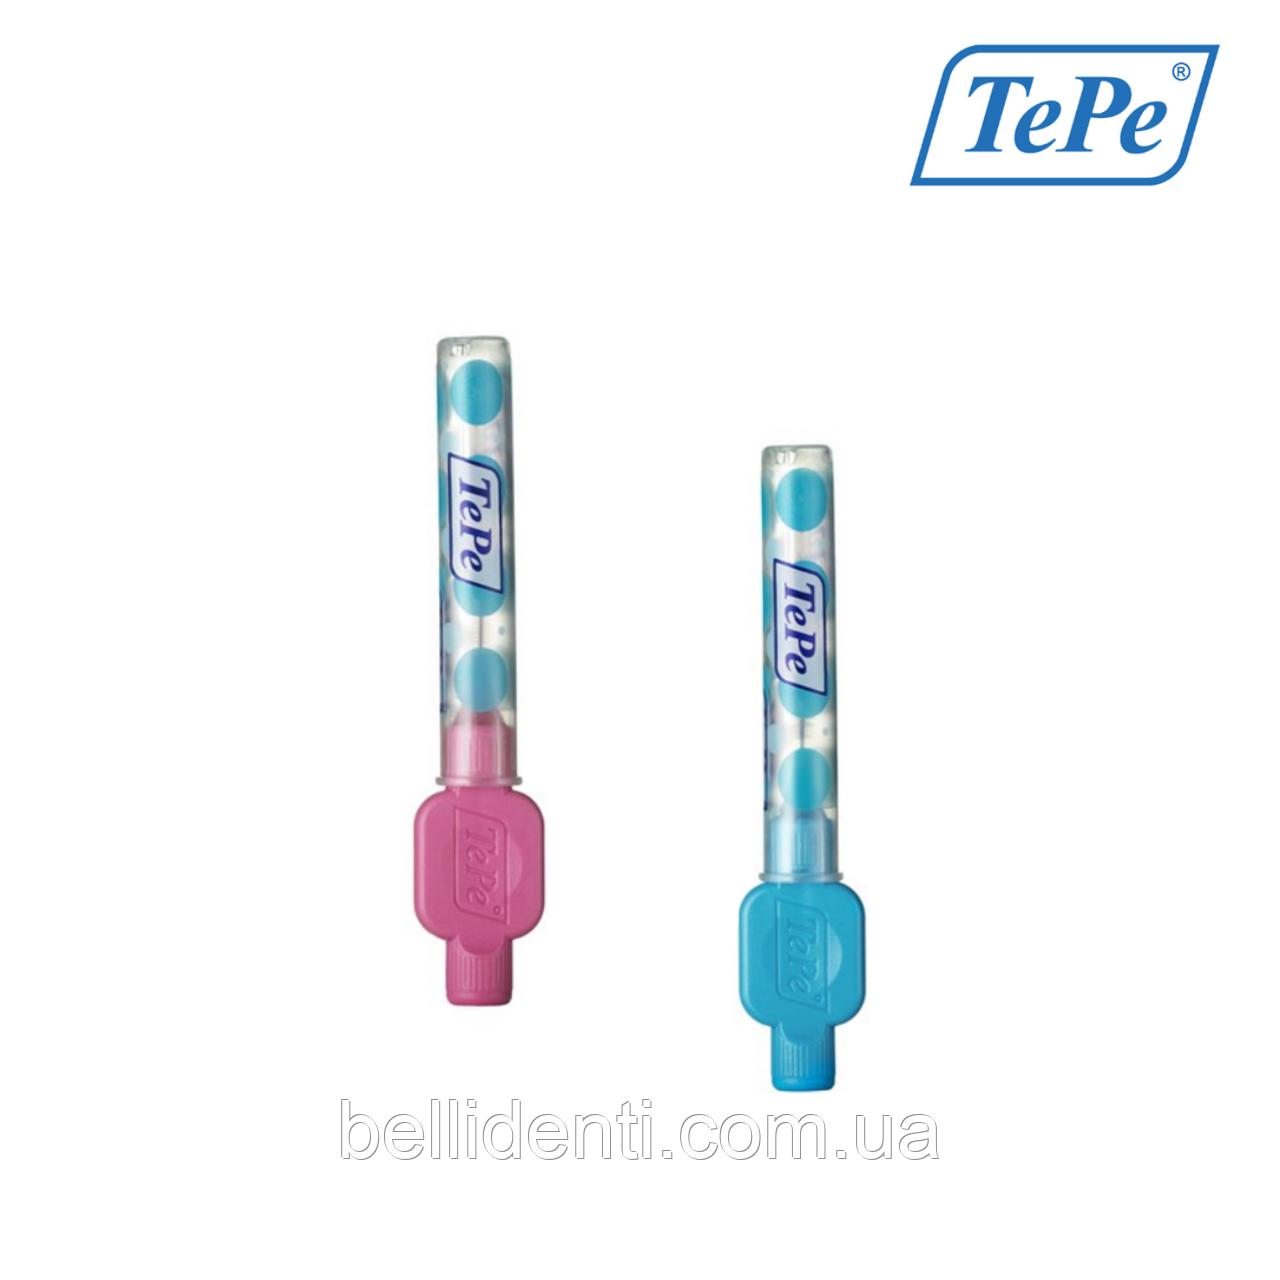 Межзубная щетка TePe Original, 2 шт/уп. (0,4 і 0,6мм)